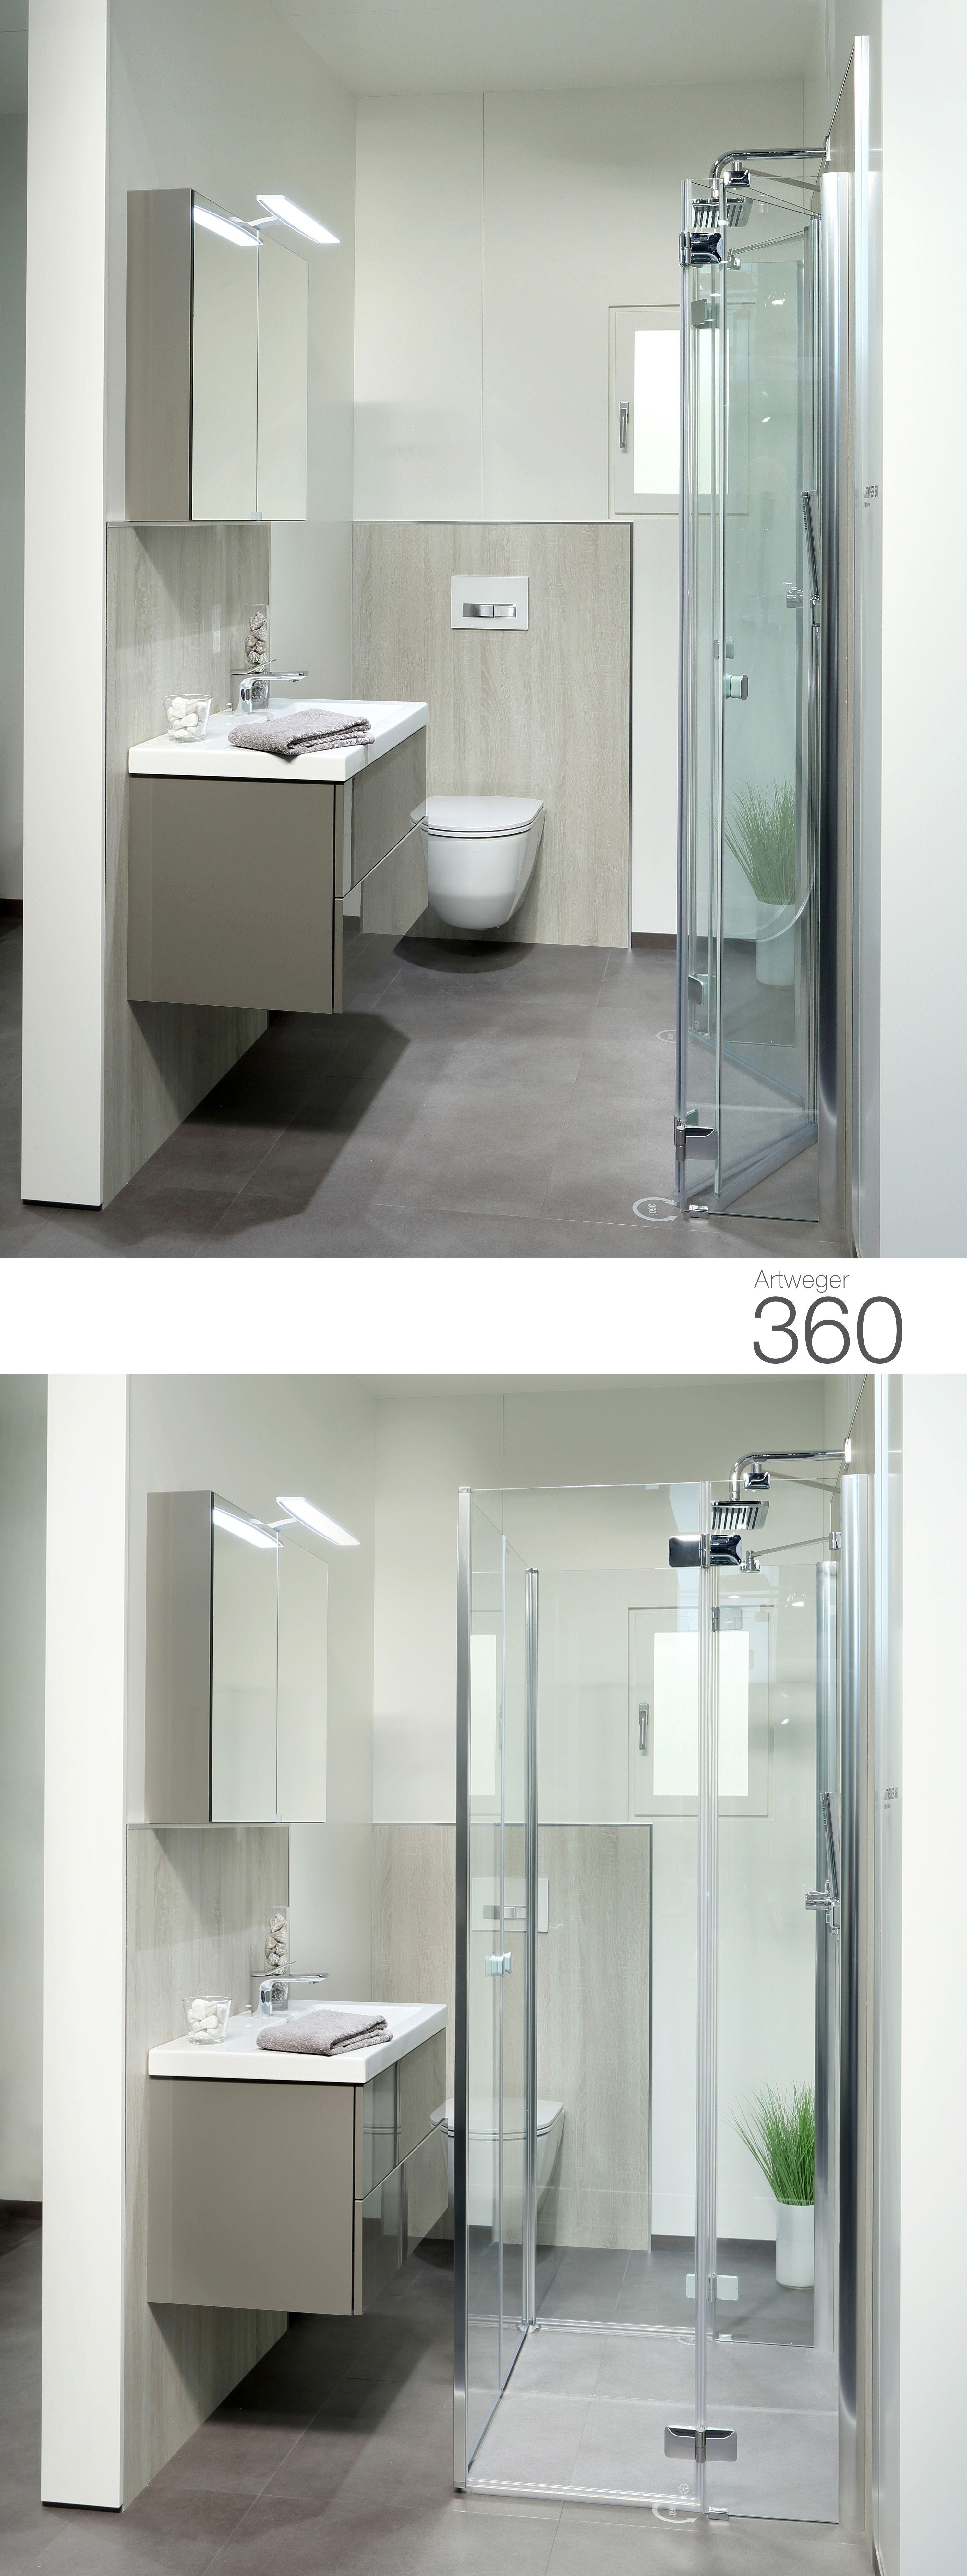 Wegklappbare Dusche Fur Schmale Schlauchbader Moglich Durch Das 360 Twin Scharnier Der Artweger 360 Duschenserie Falttur Dusche Badezimmer Klein Badezimmer